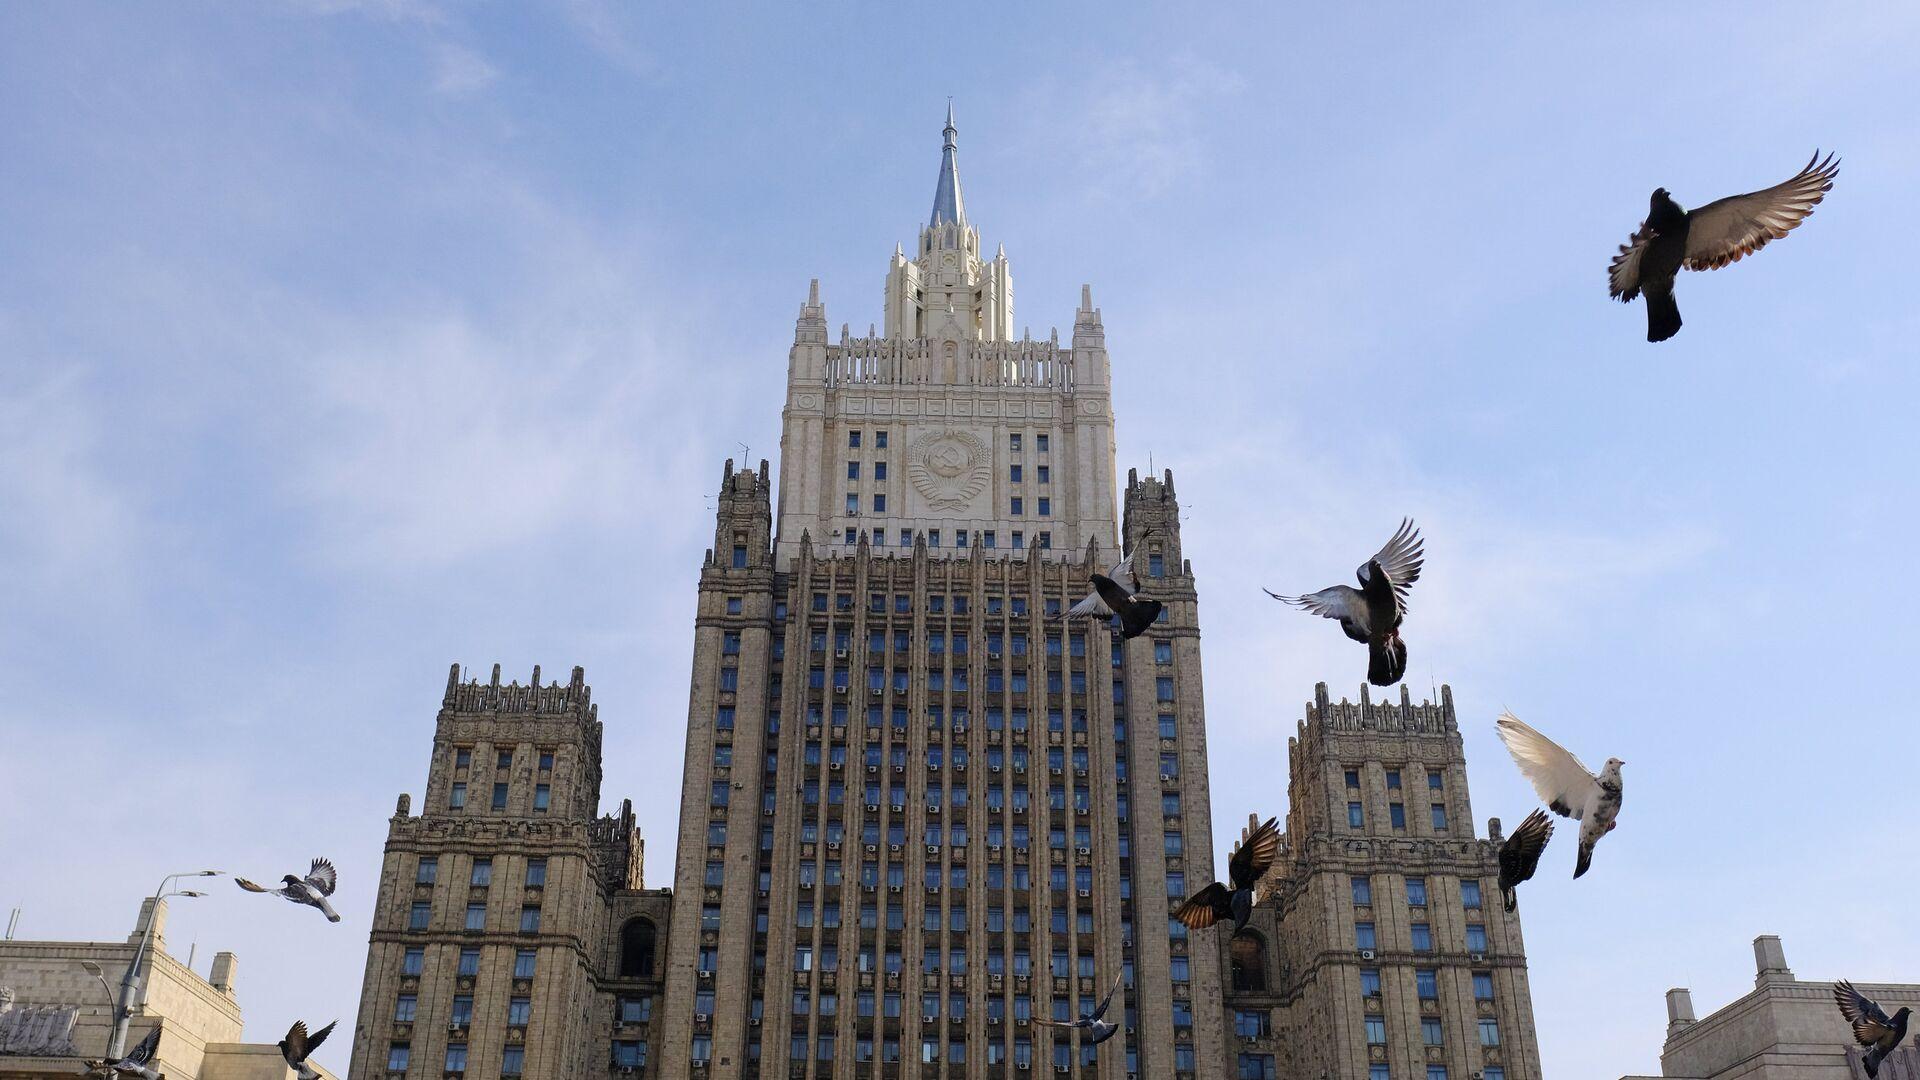 МИД не исключил встречи Лаврова и Блинкена в Рейкьявике в конце мая